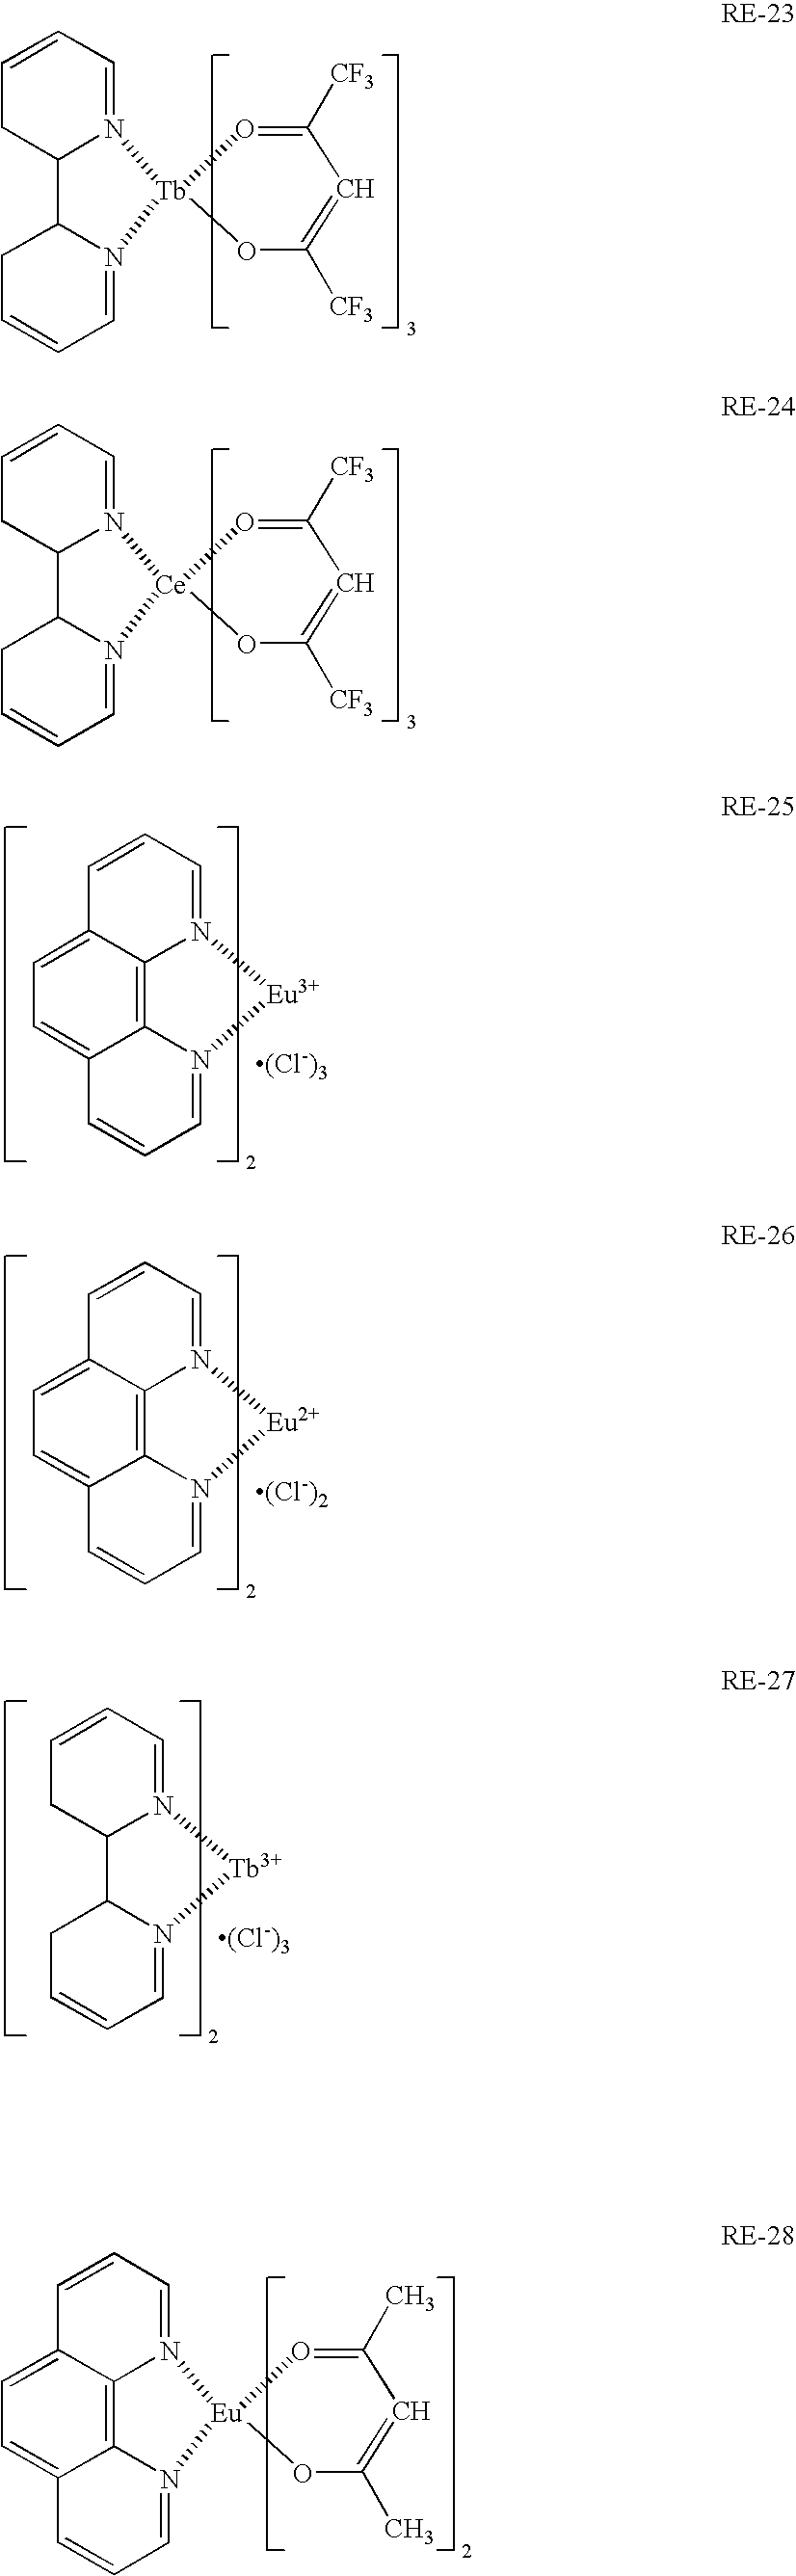 Figure US20040062951A1-20040401-C00050